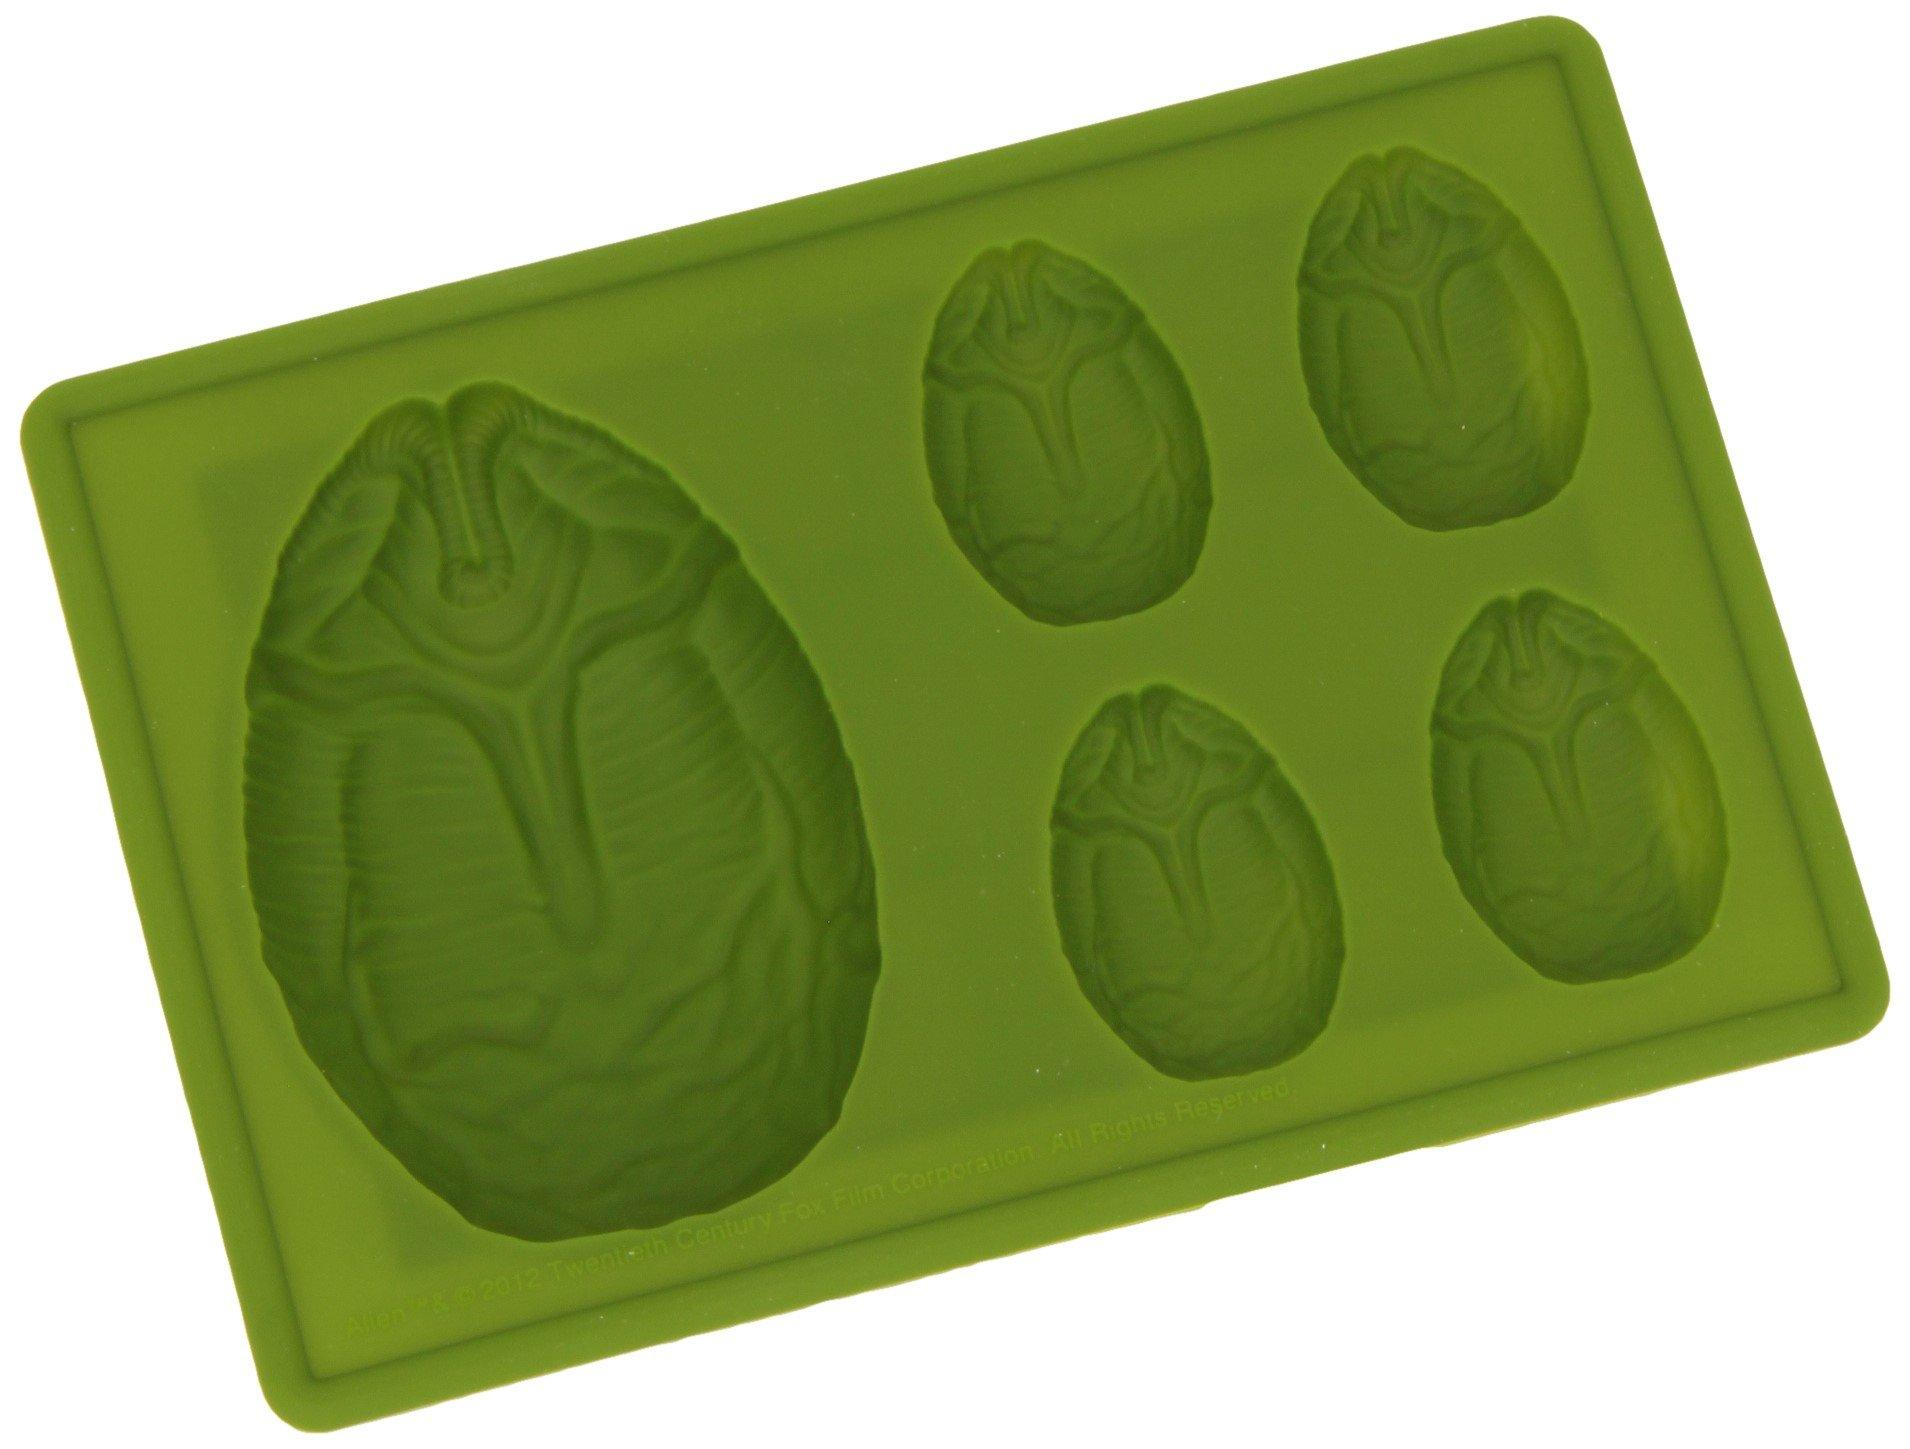 Kotobukiya Alien Egg Silicone Tray